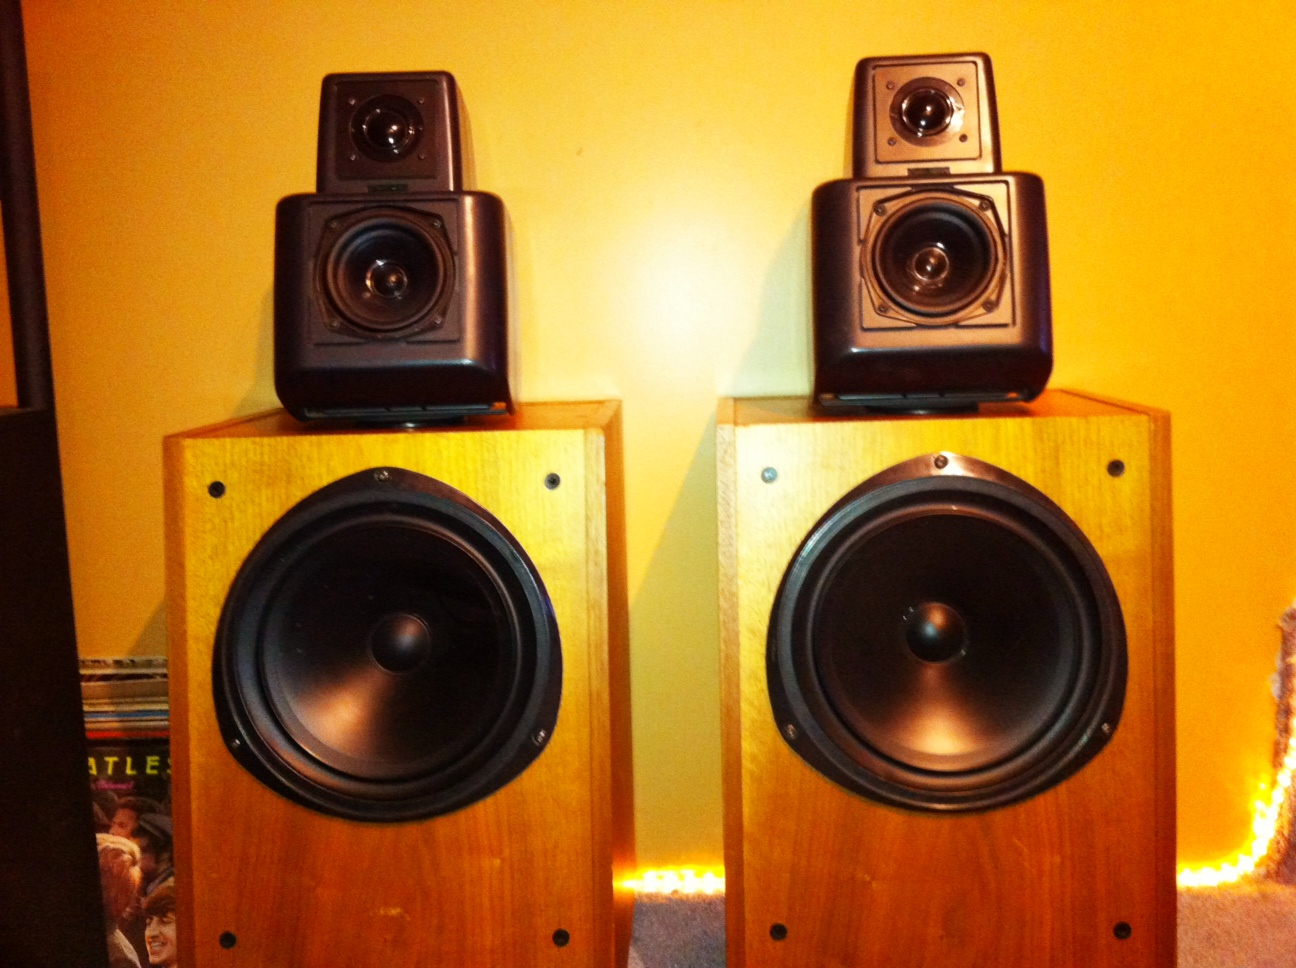 kef 105 speakers. kef 105.2 re-cap - second speaker kef 105 speakers i